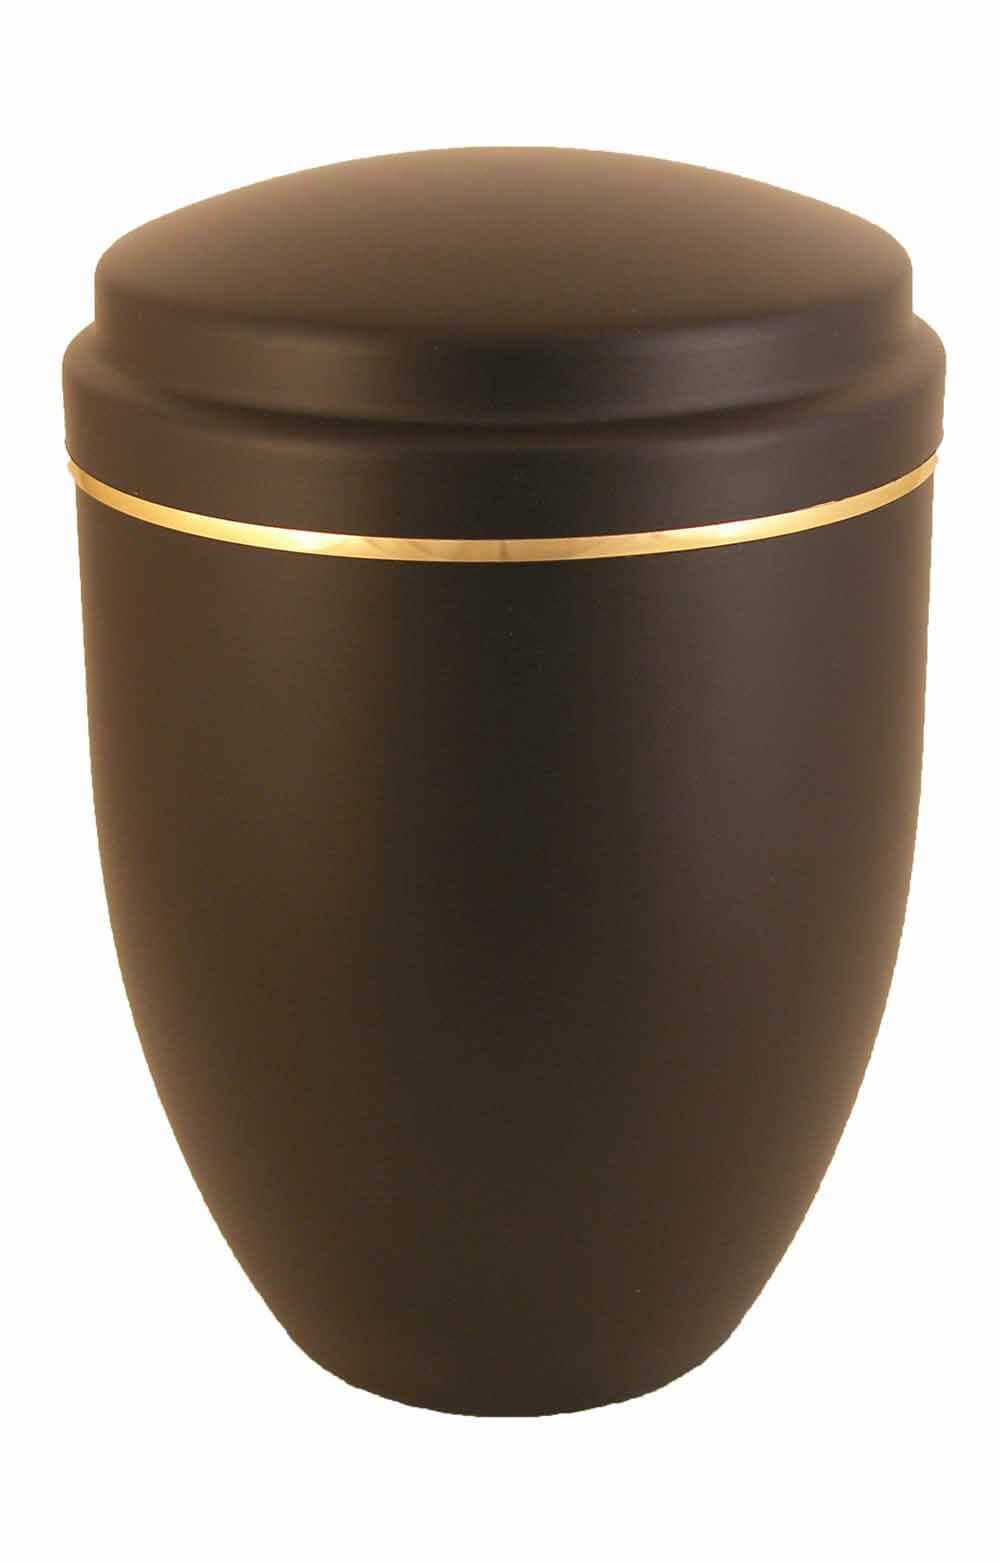 de AS5556 Metall Urne Metallurne schwarz edel traditionell Nacht goldrand